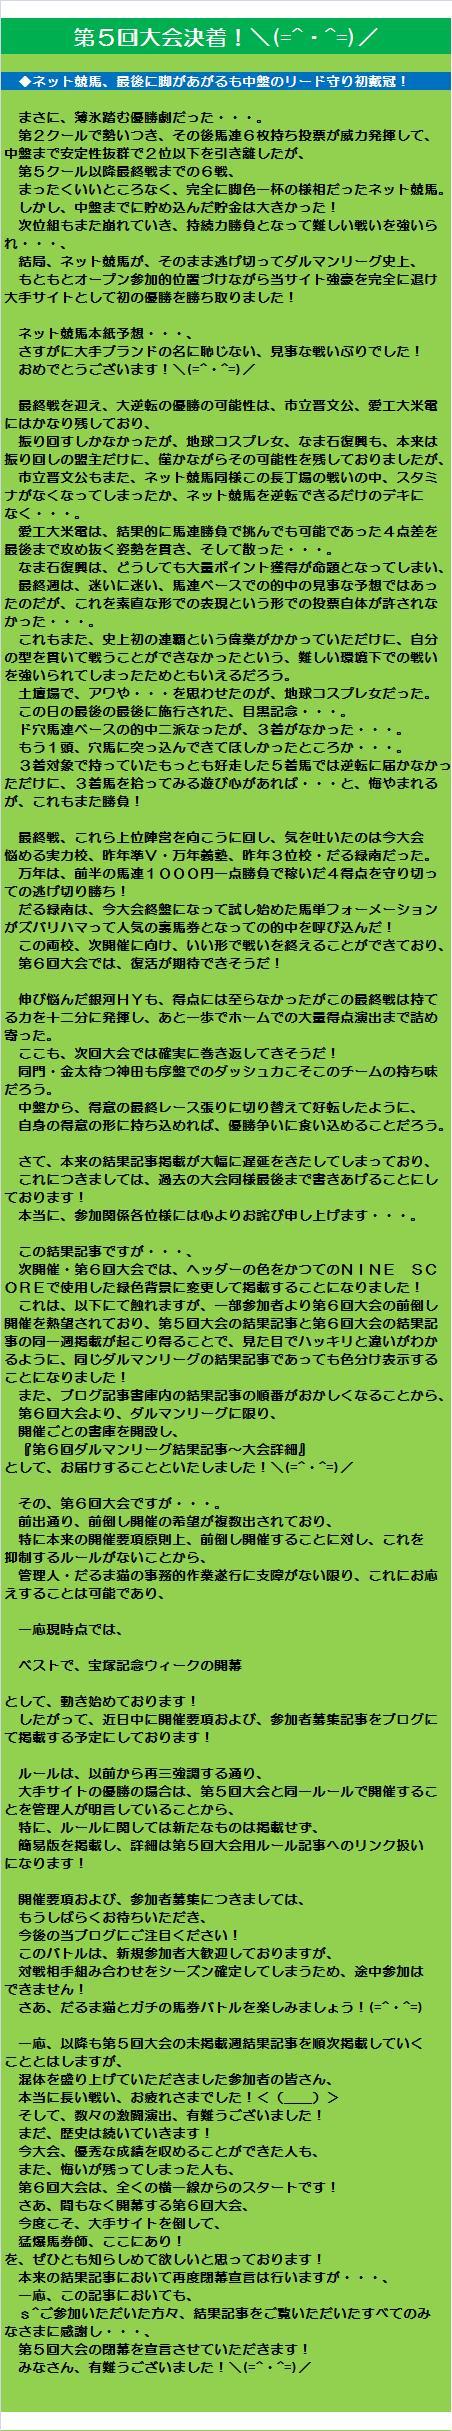 20140607・ダルマンリーグ結果②.jpg